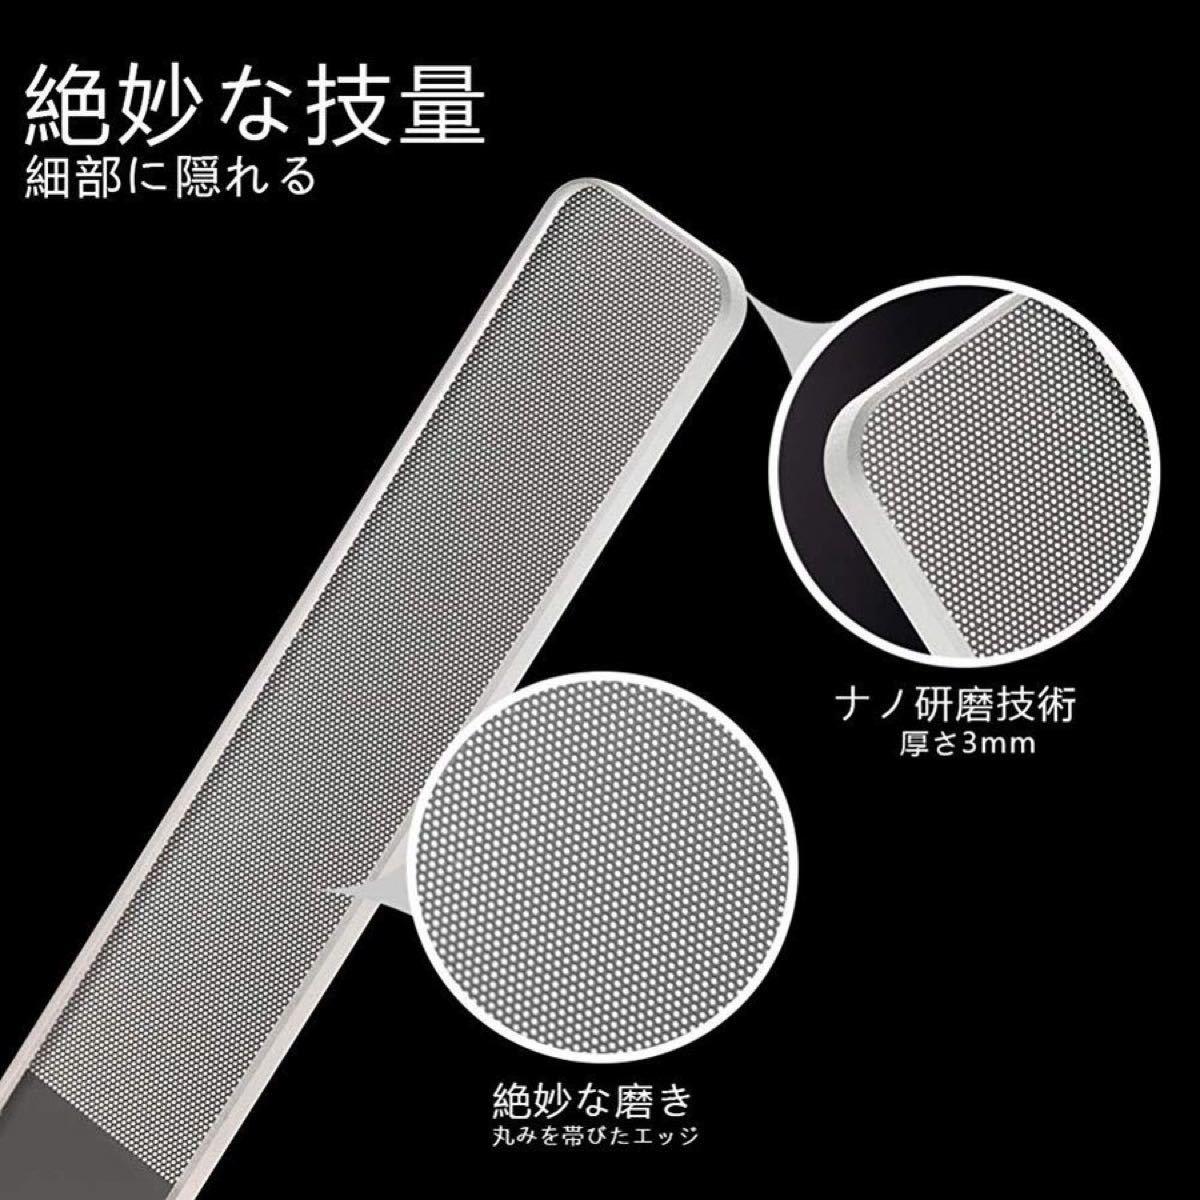 爪やすり 爪磨き ガラス製 ケース付き